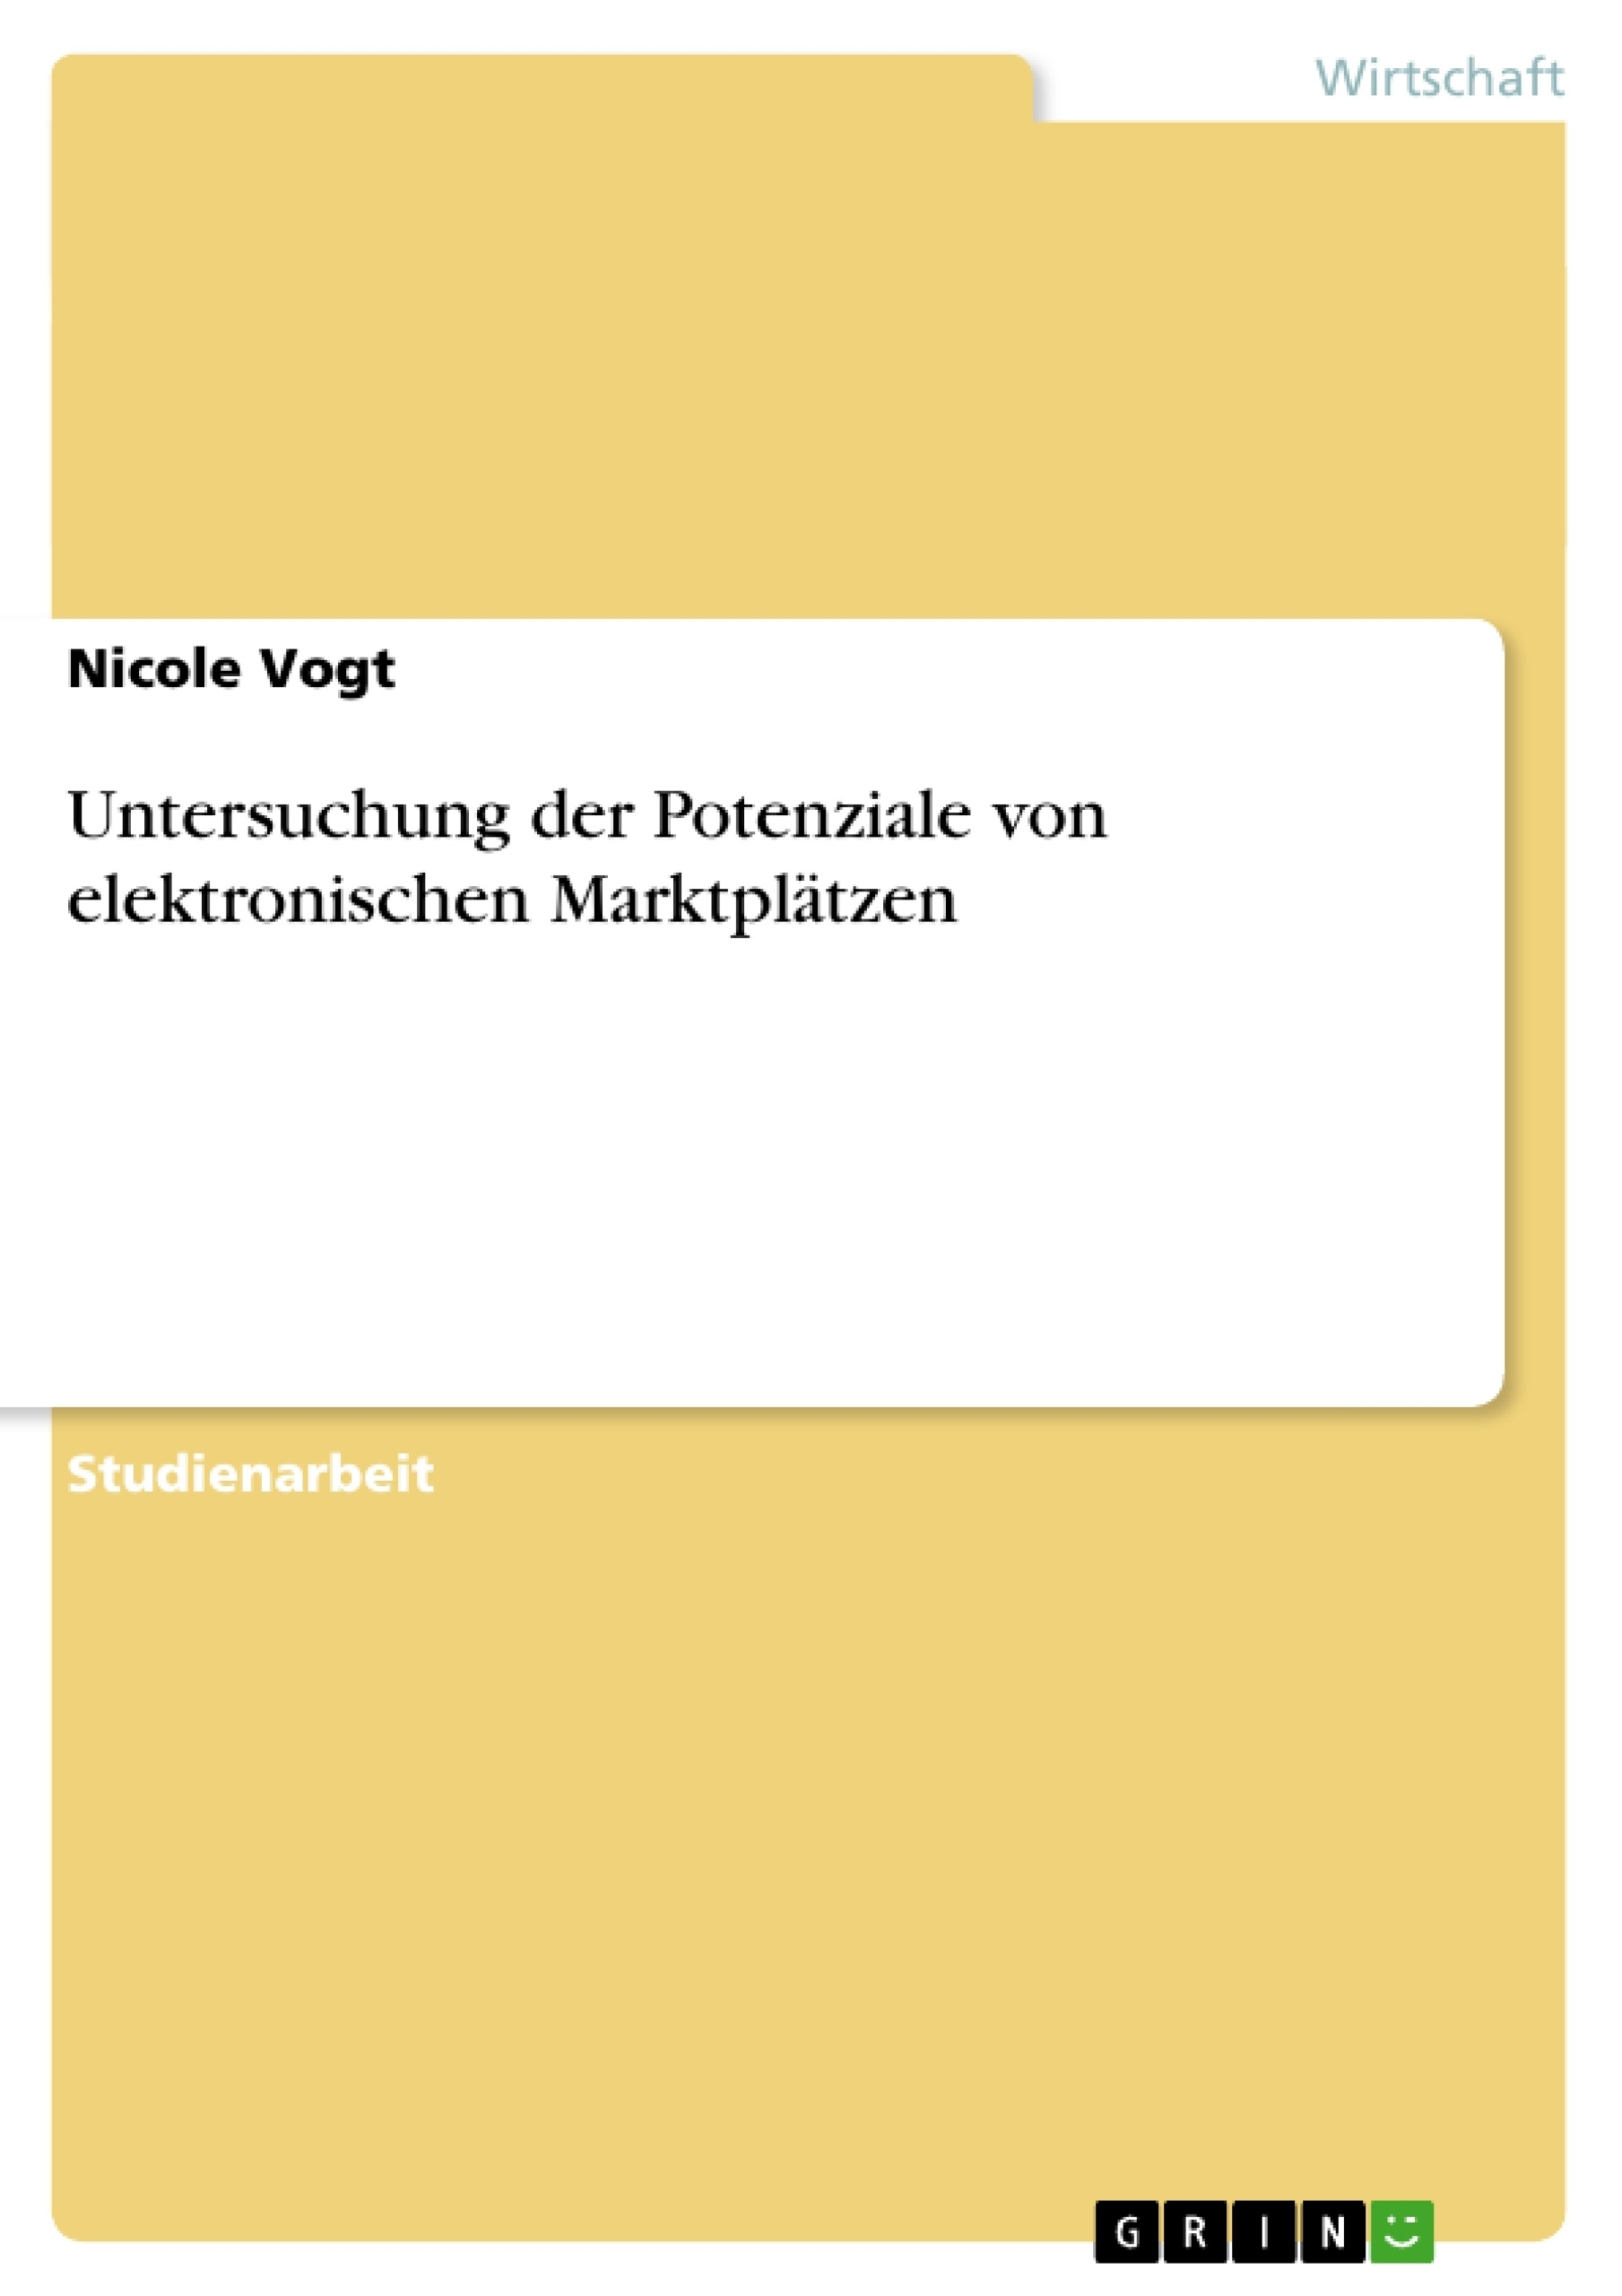 Titel: Untersuchung der Potenziale von elektronischen Marktplätzen